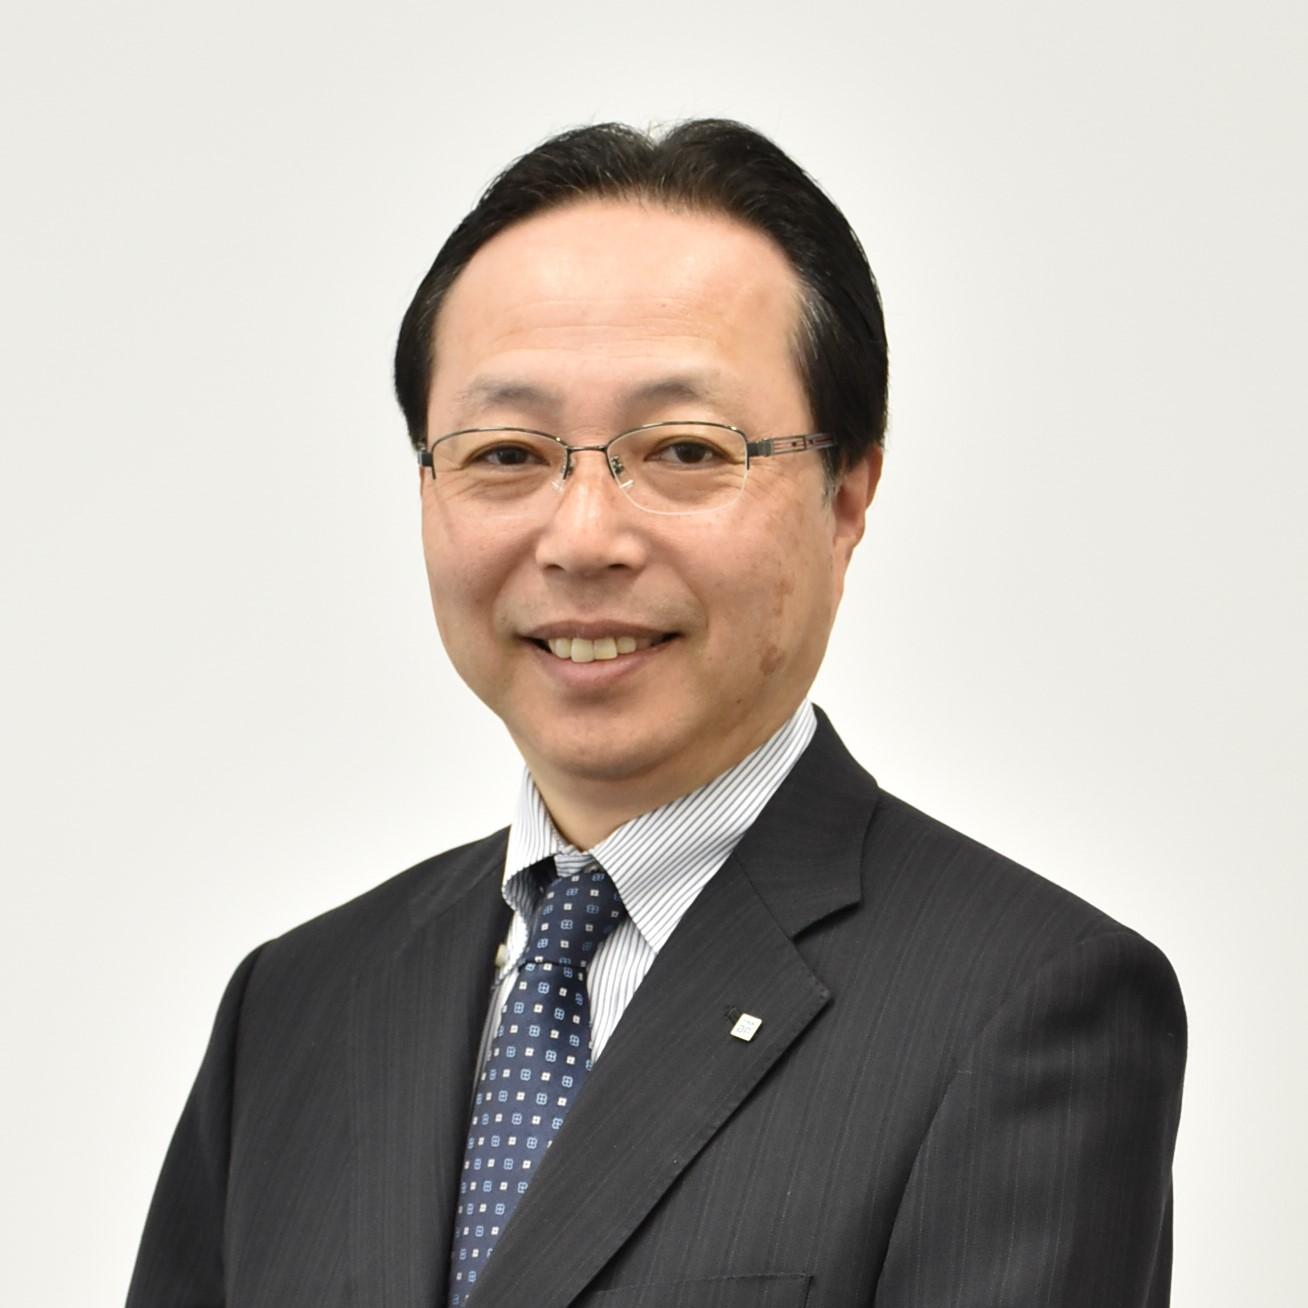 Kosuke Iwabuchi